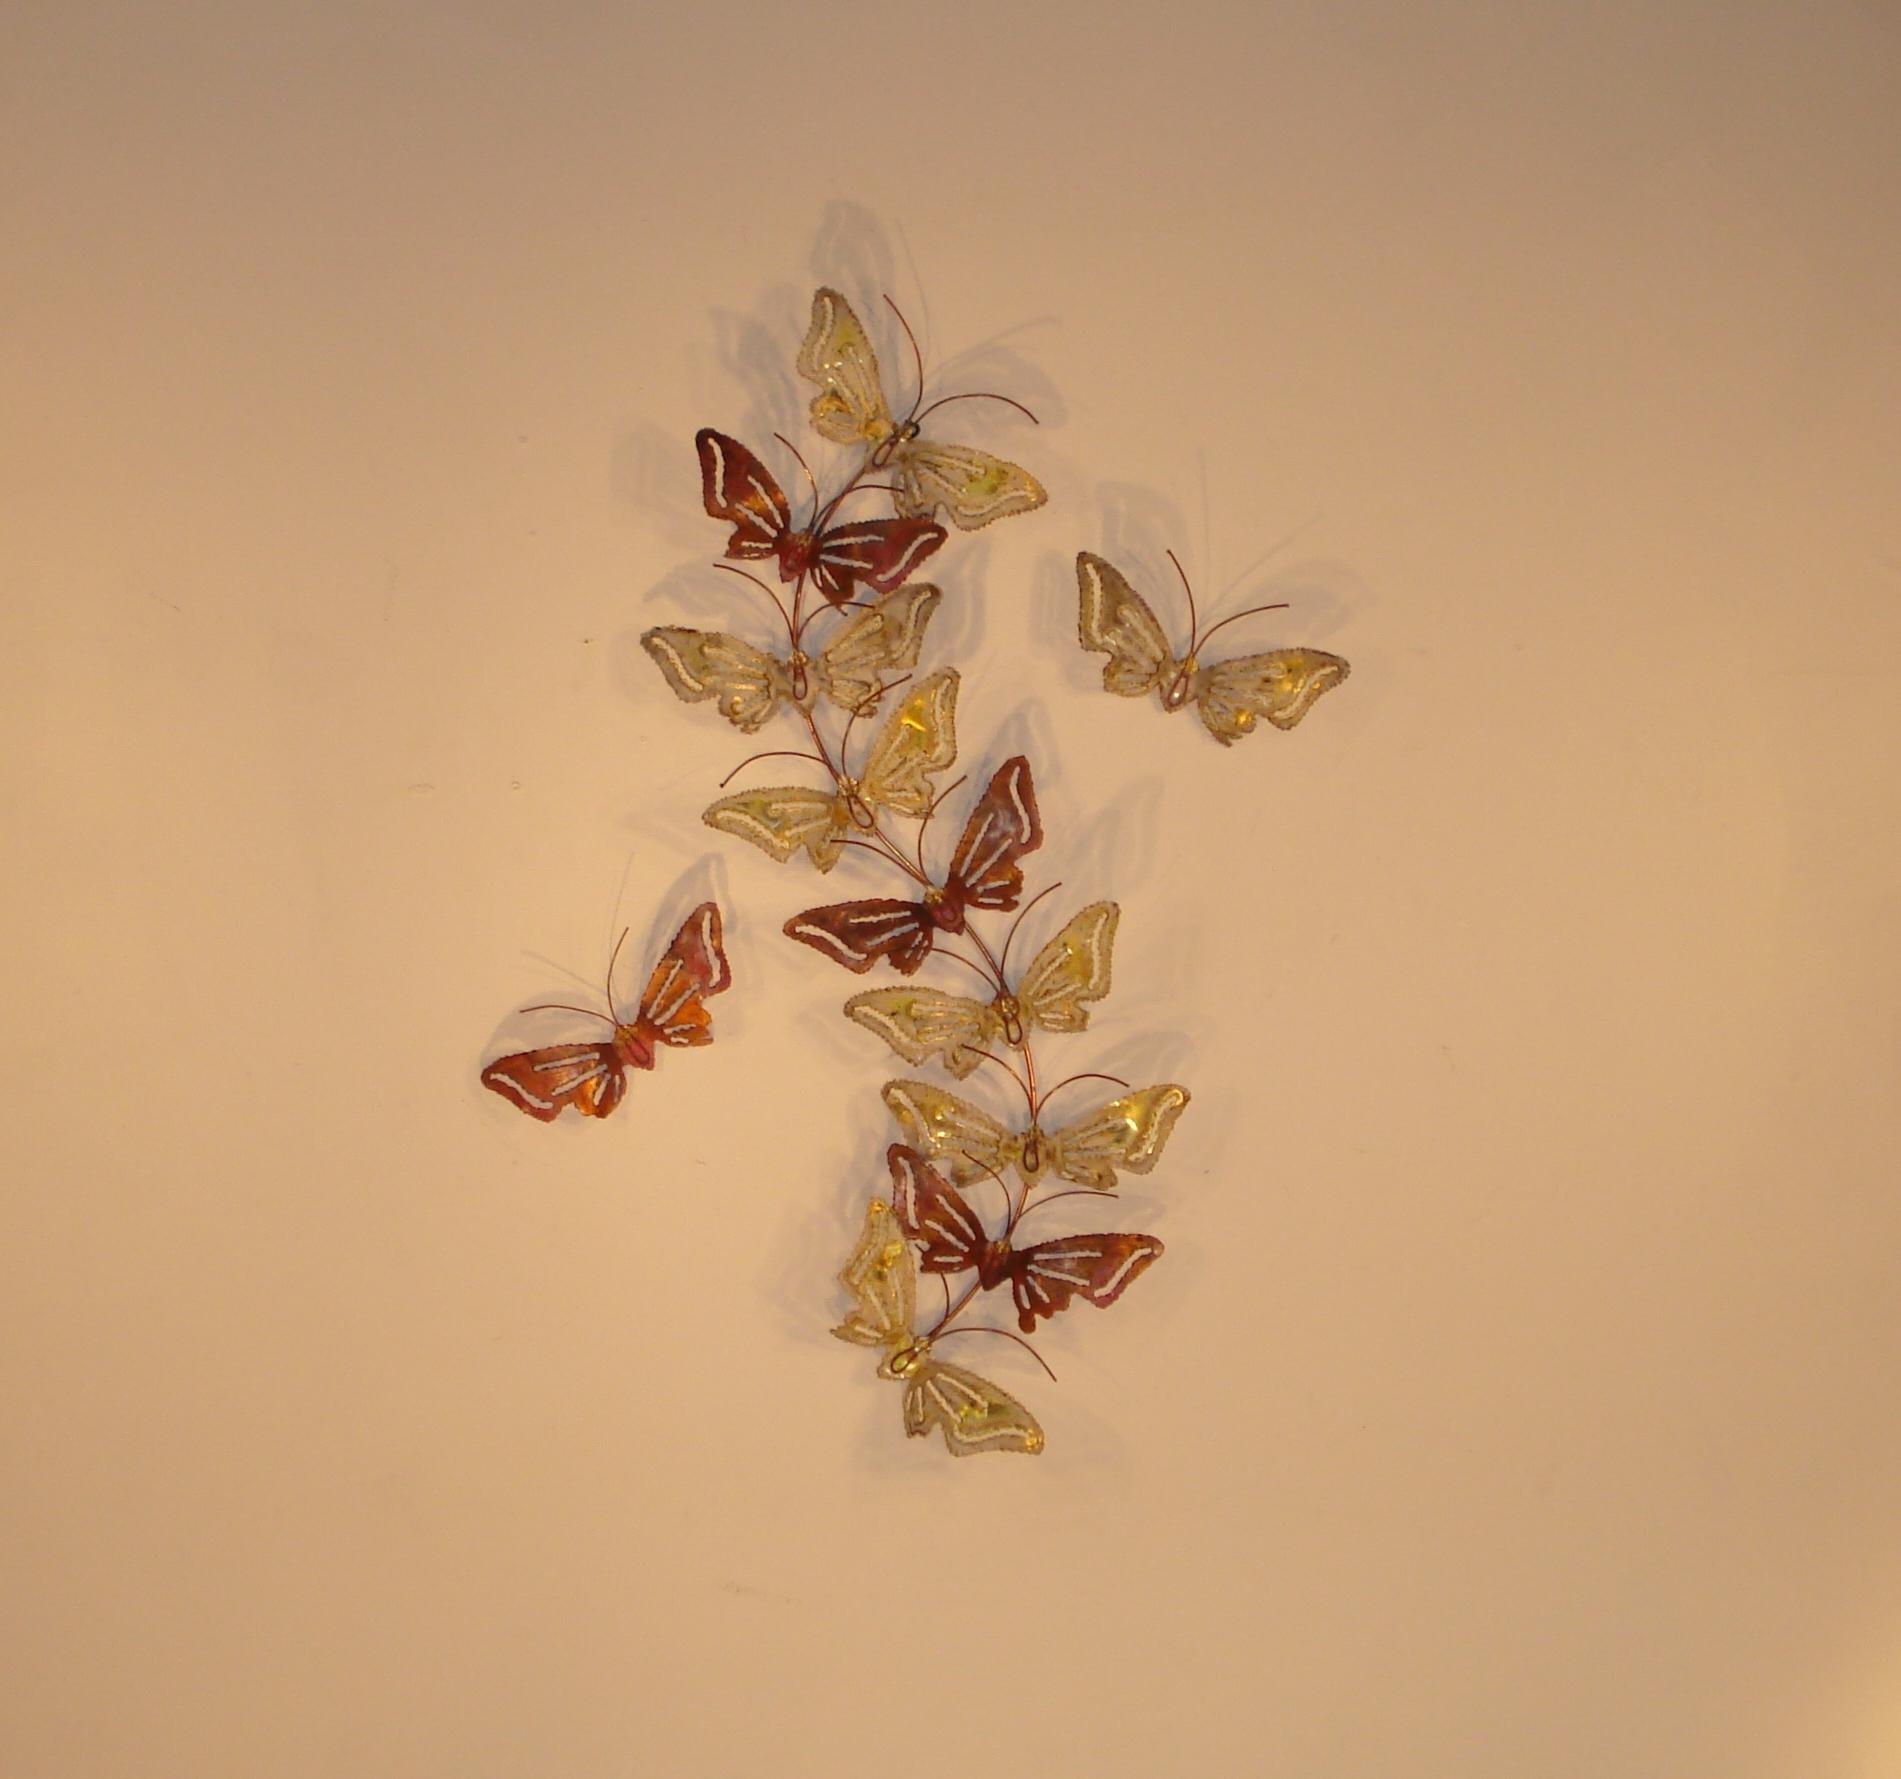 Butterfly Metal Wall Art - Metal Wall Sculpture - Home Decor ...